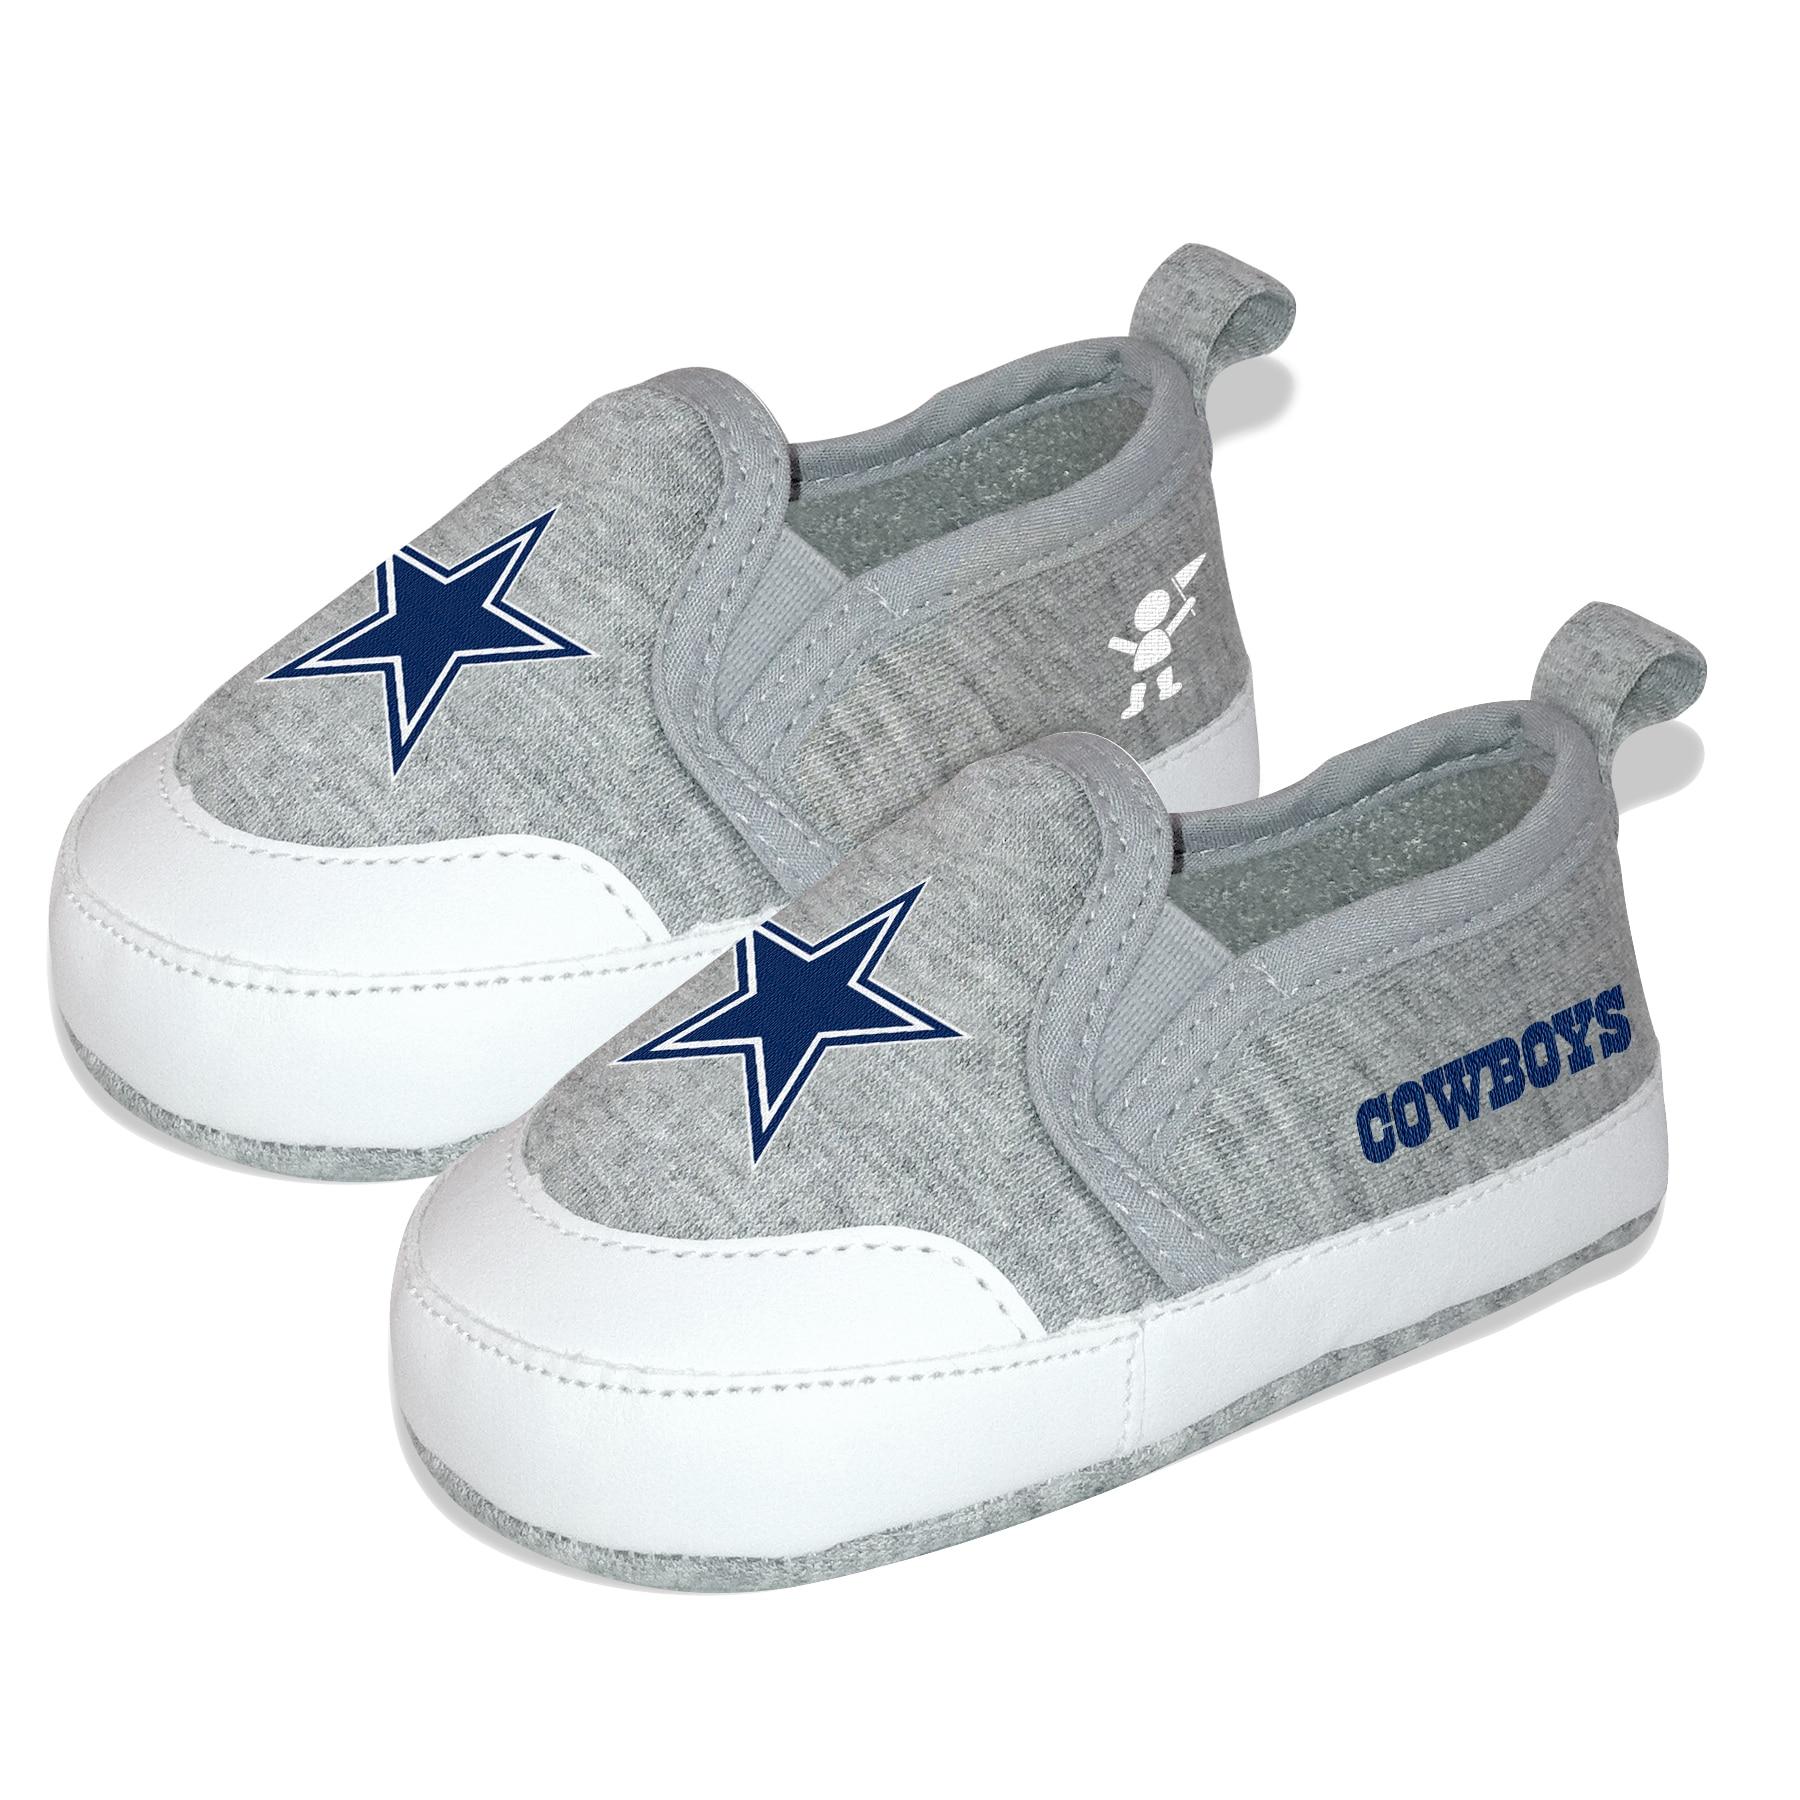 Dallas Cowboys Pre-walk Baby Shoes